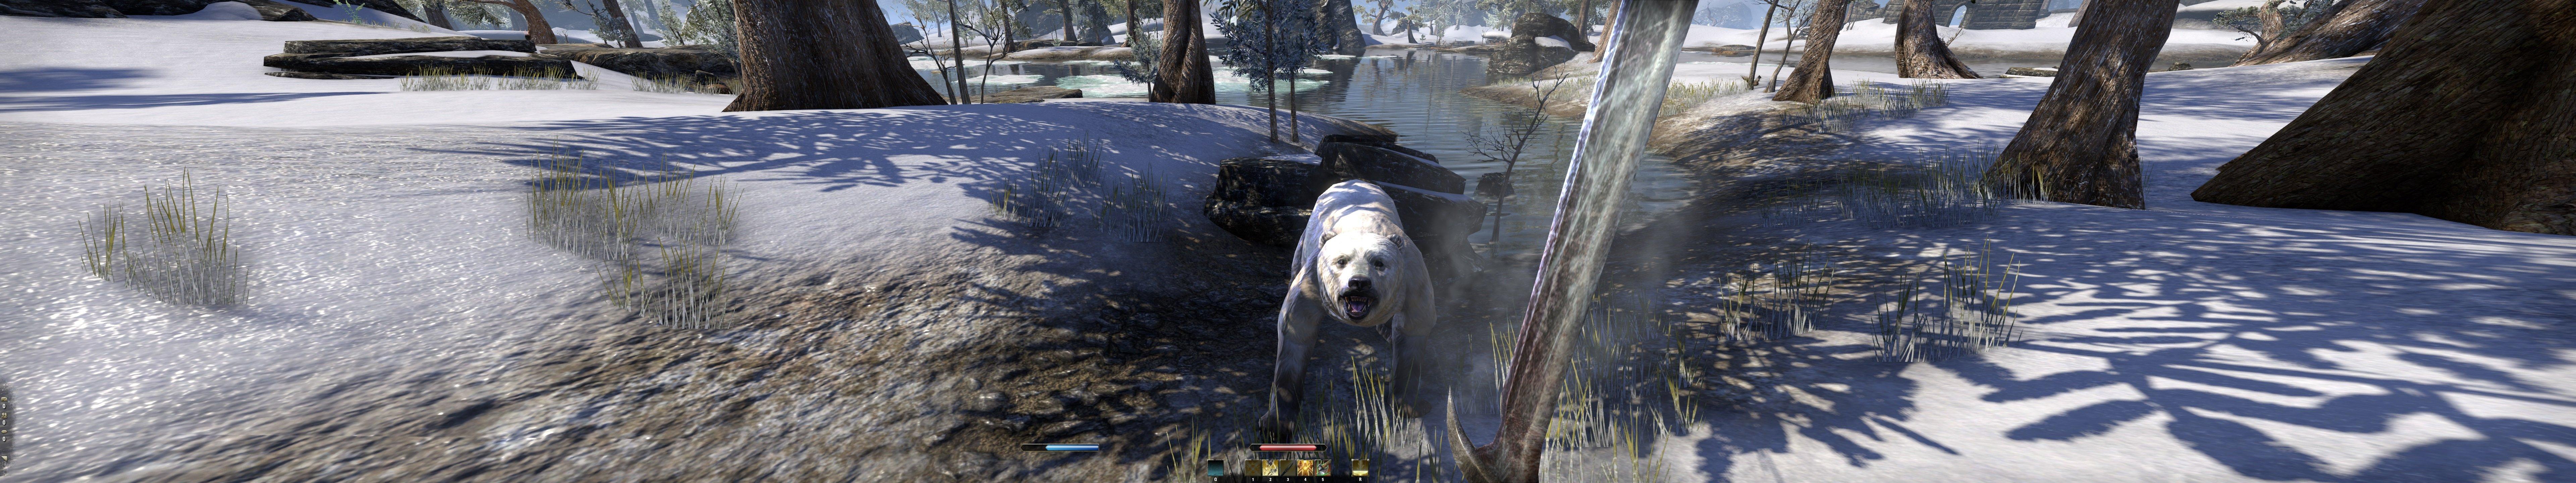 Пачка скриншотов из The Elder Scrolls Online на максимальных настройках в разрешении 7680x1440 - Изображение 1